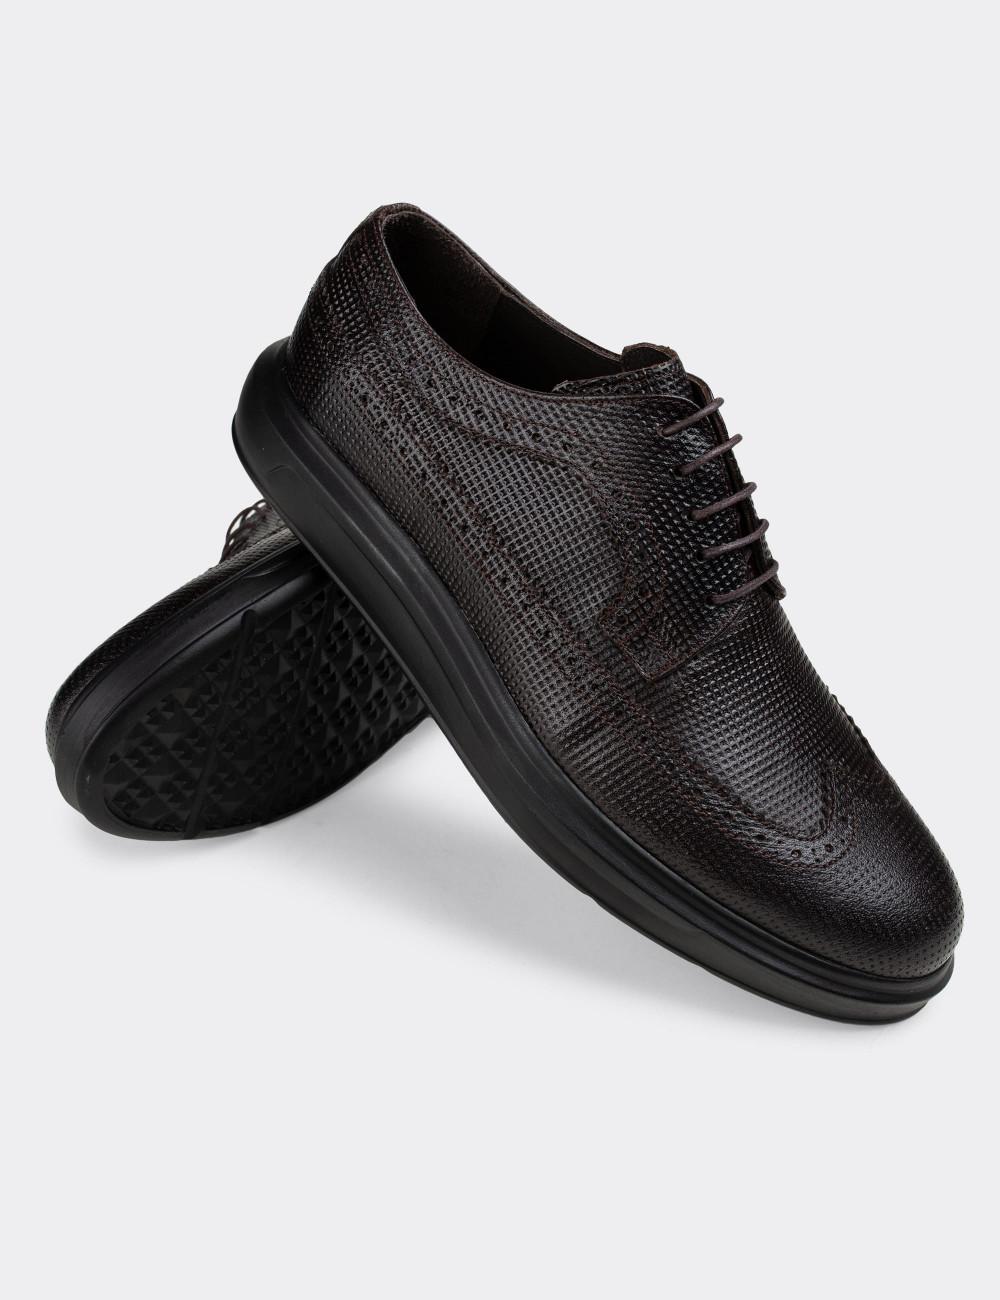 Hakiki Deri Kahverengi Günlük Erkek Ayakkabı - 01293MKHVP02